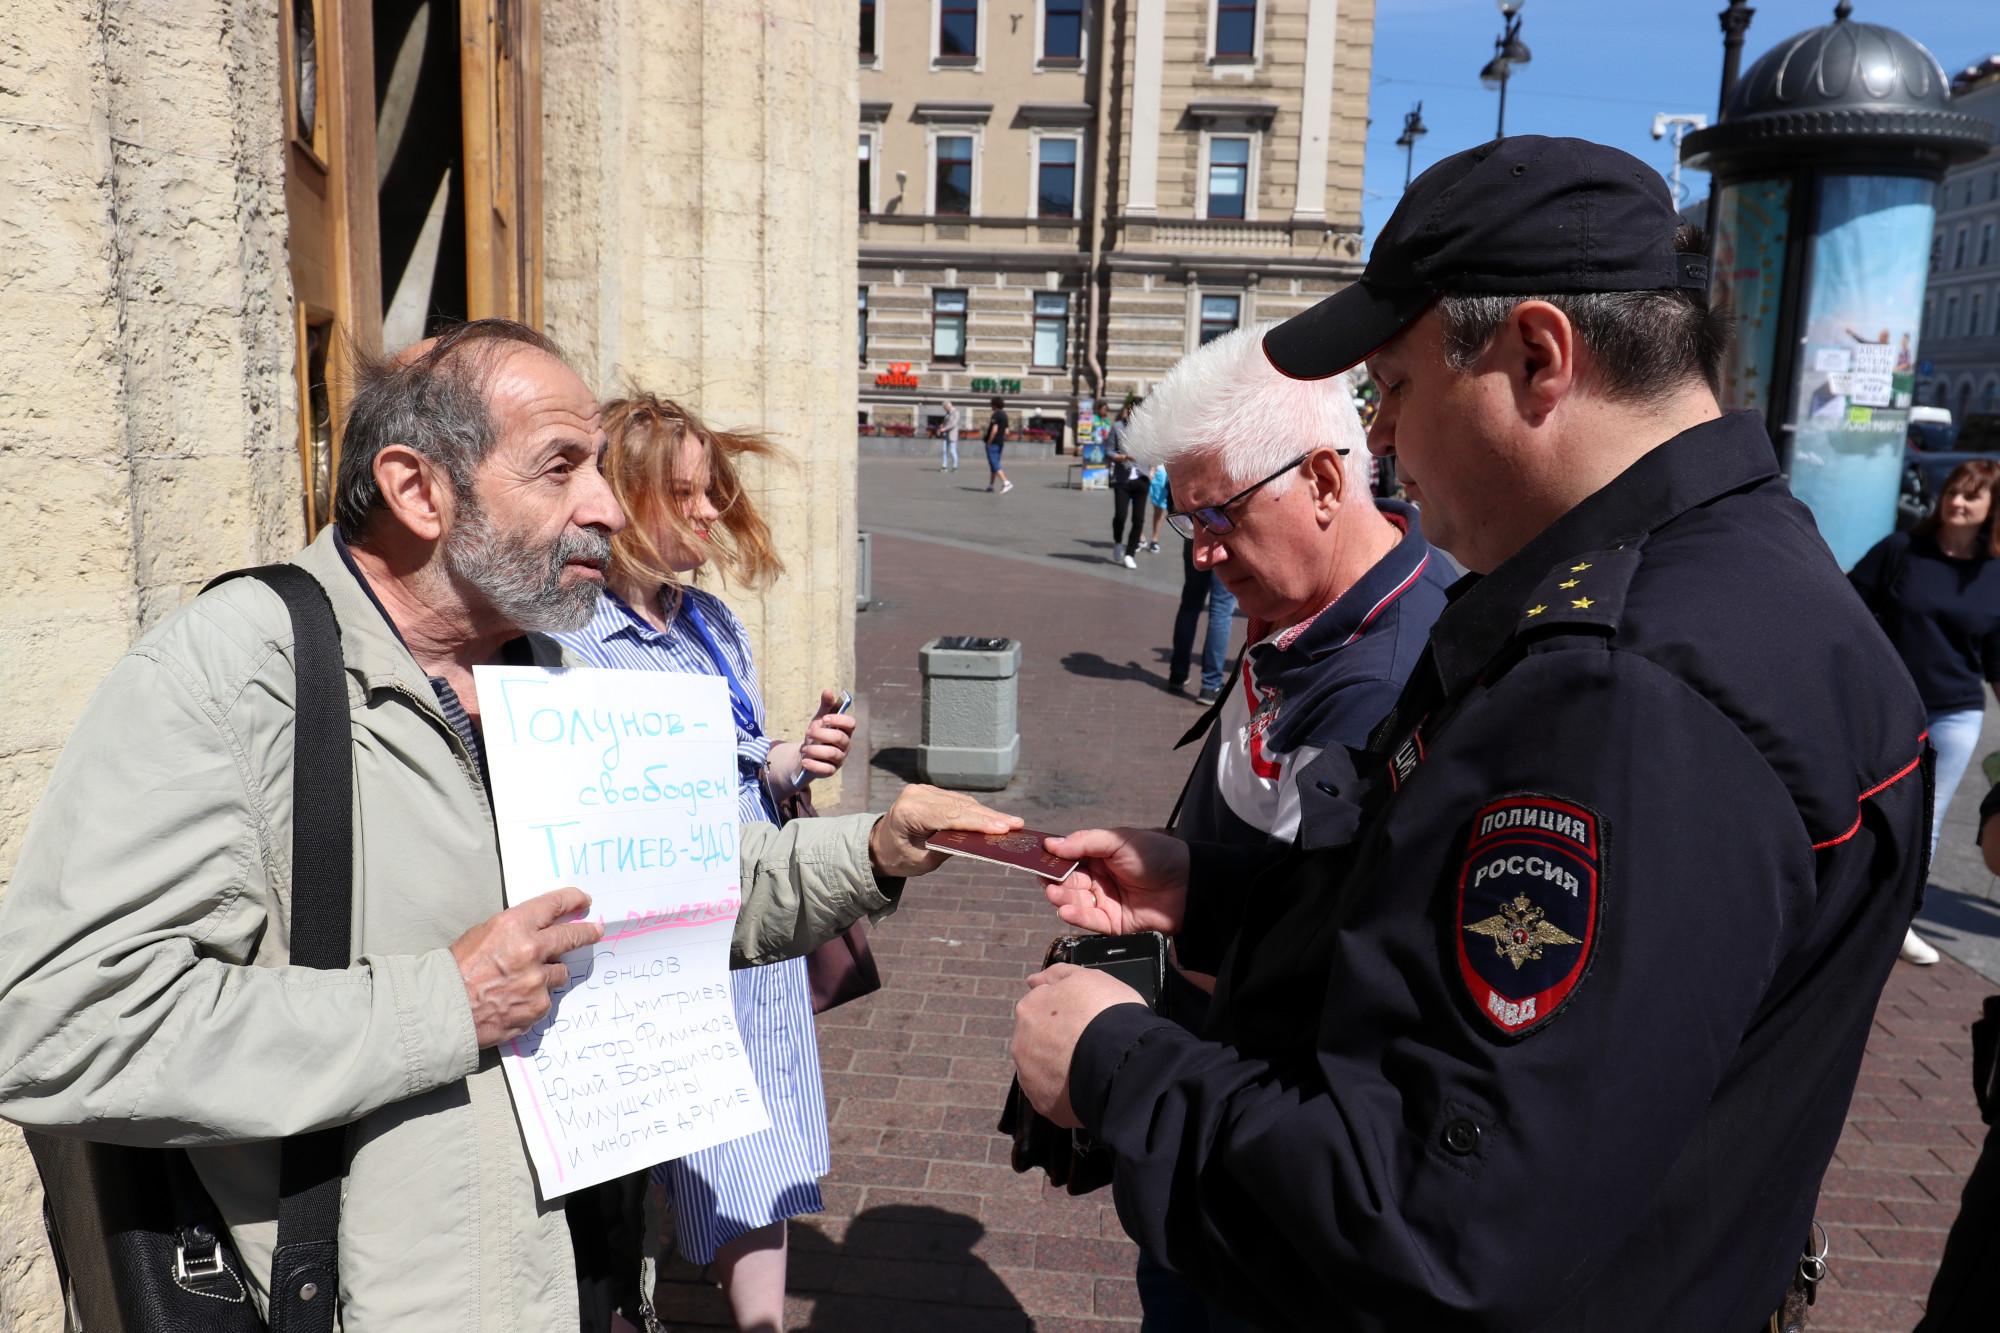 Борис Вишневский полиция акция в поддержку Ивана Голунова